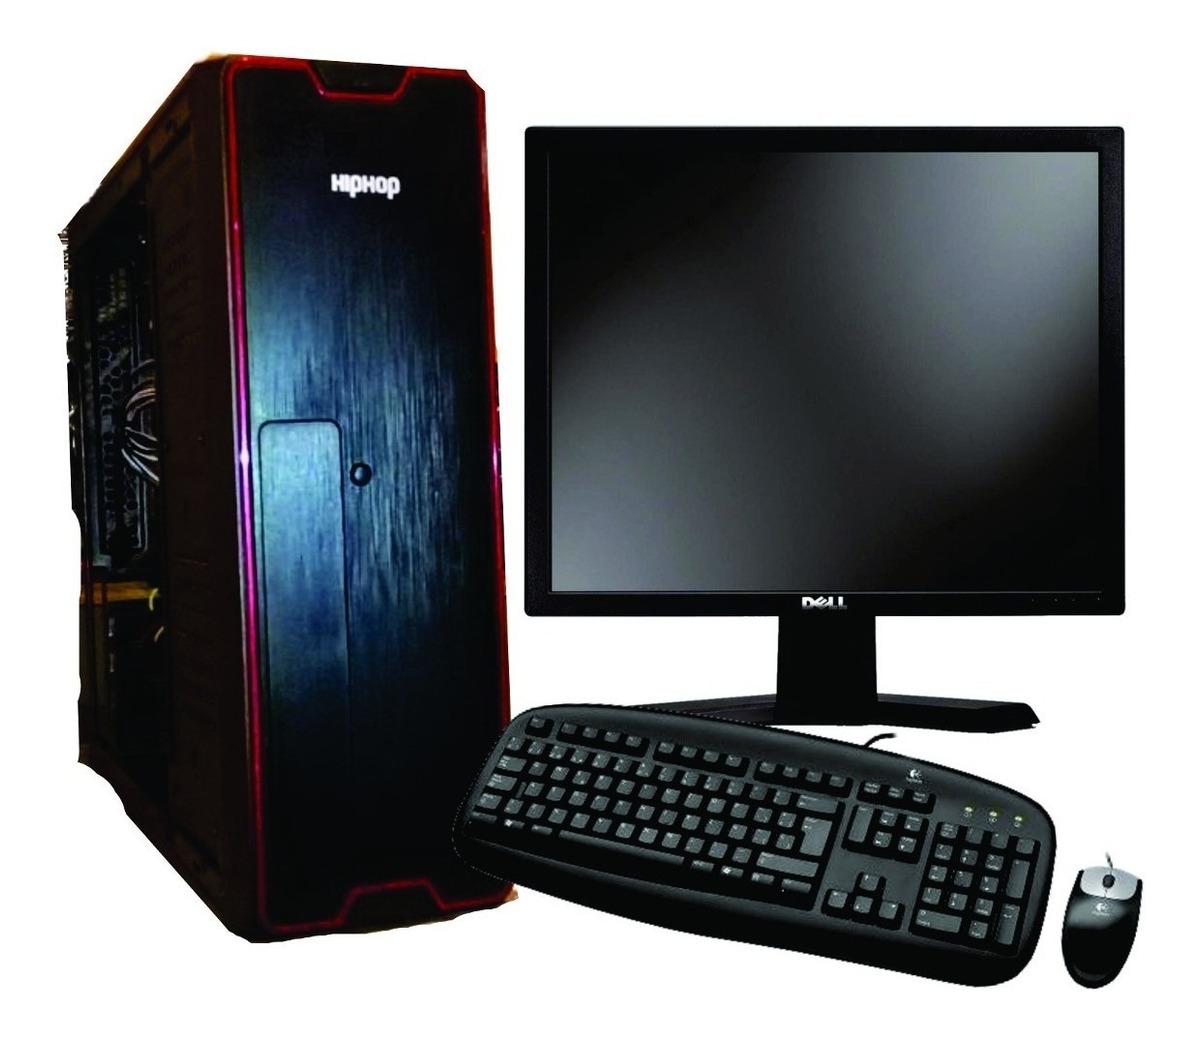 Pc Computadora Completa 2gb Monitor Led 19 Oferta Buen Fin